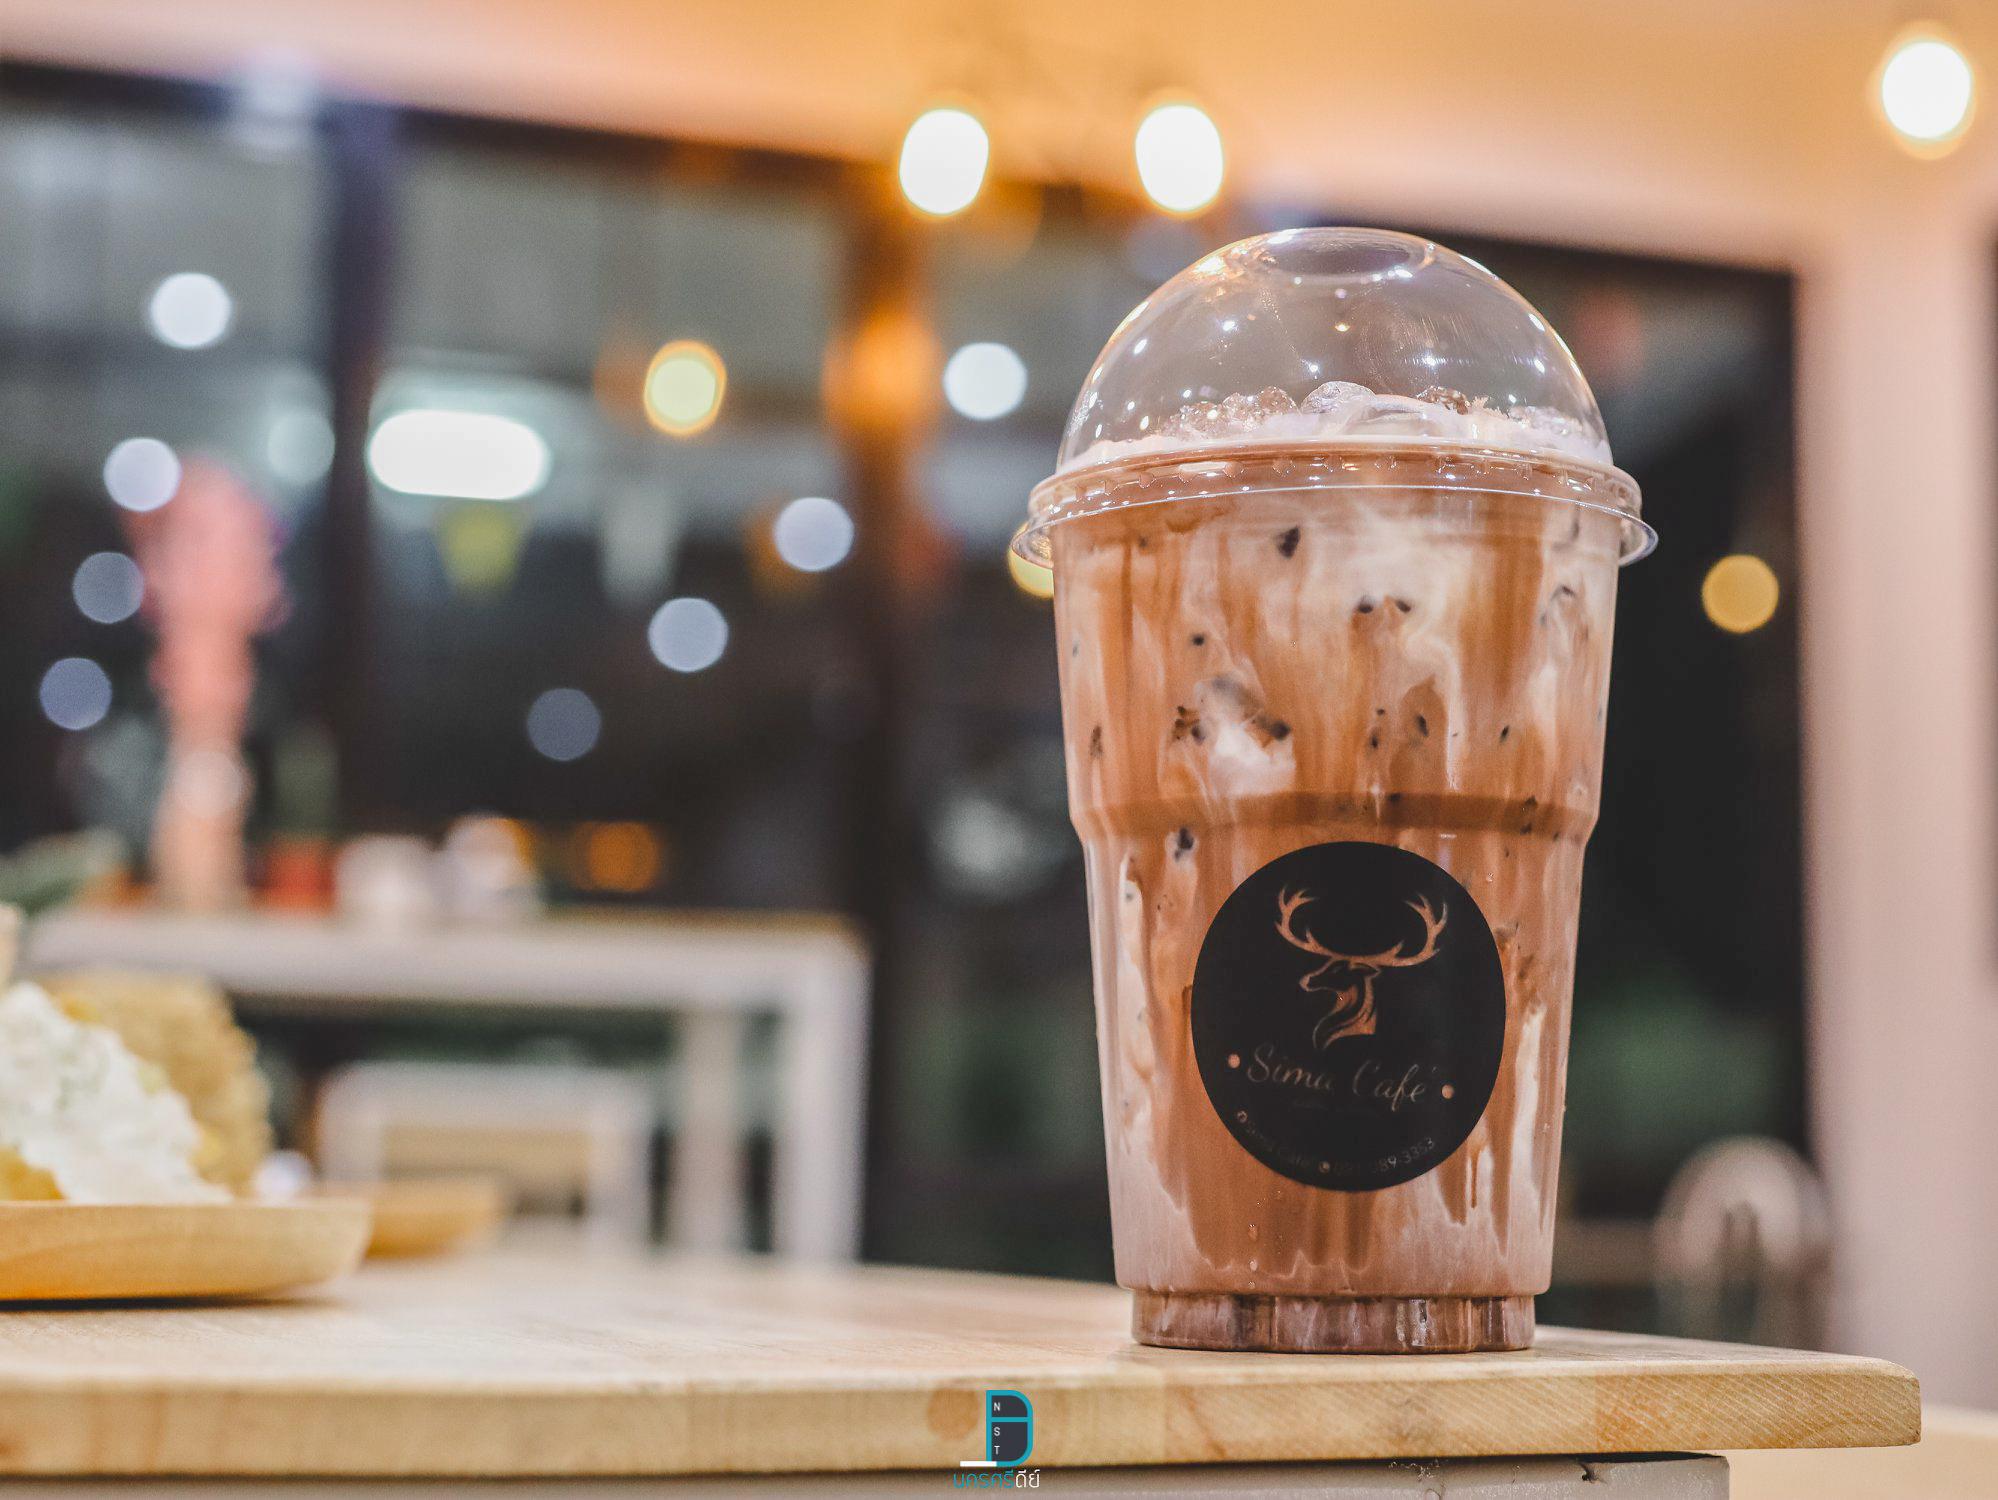 Sima Cafe ฉวางงชาเขียว,มัจฉะ,โกโก้,อร่อยเด็ด,ช็อกโกแลต